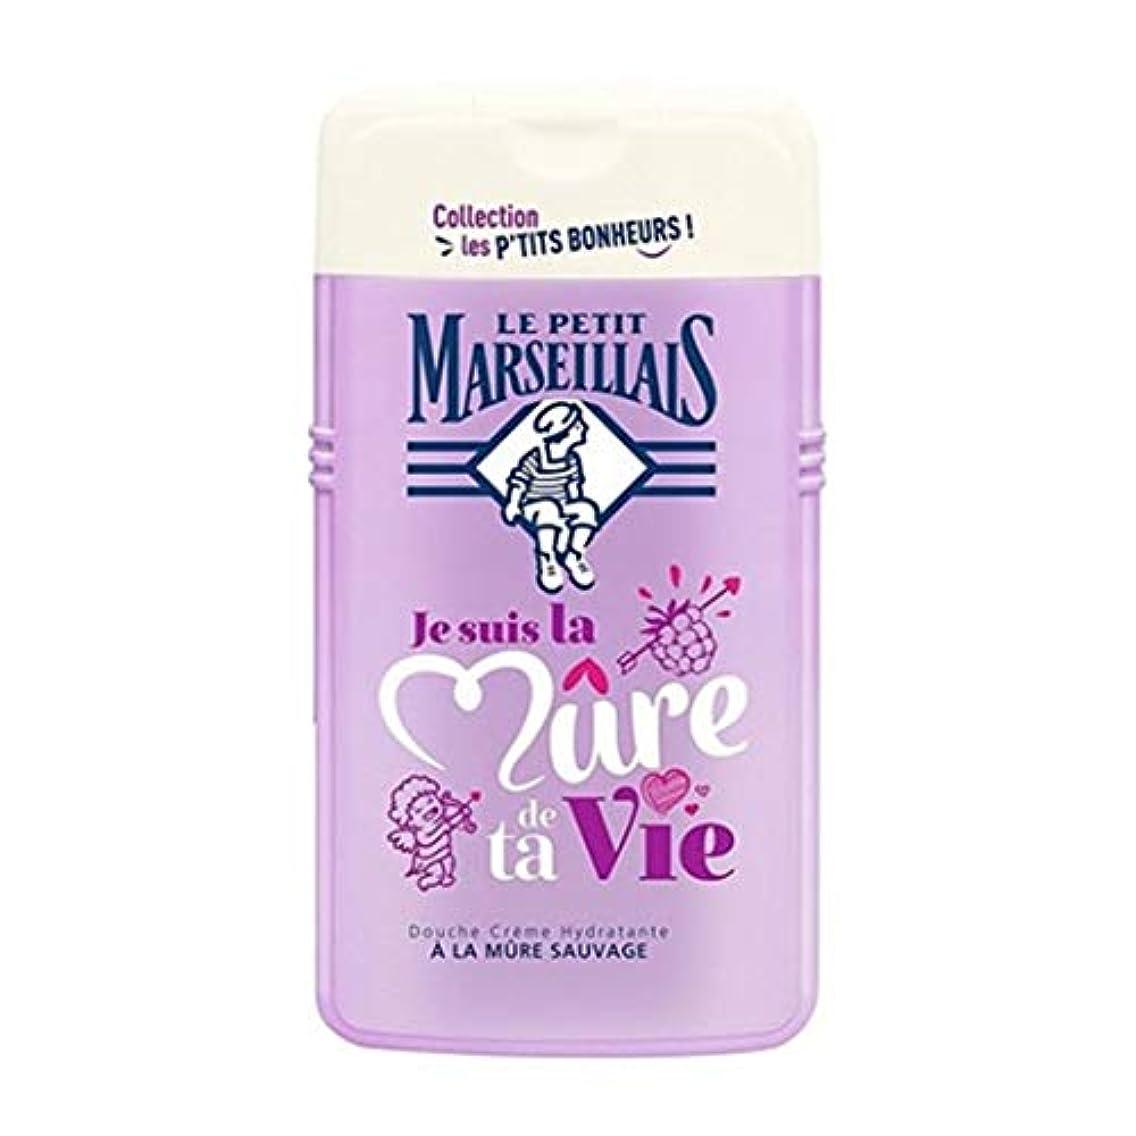 冒険マカダム平手打ち「ブラックベリー」シャワークリーム ???? フランスの「ル?プティ?マルセイユ (Le Petit Marseillais)」 les P'TITS BONHEURS 250ml ボディウォッシュ